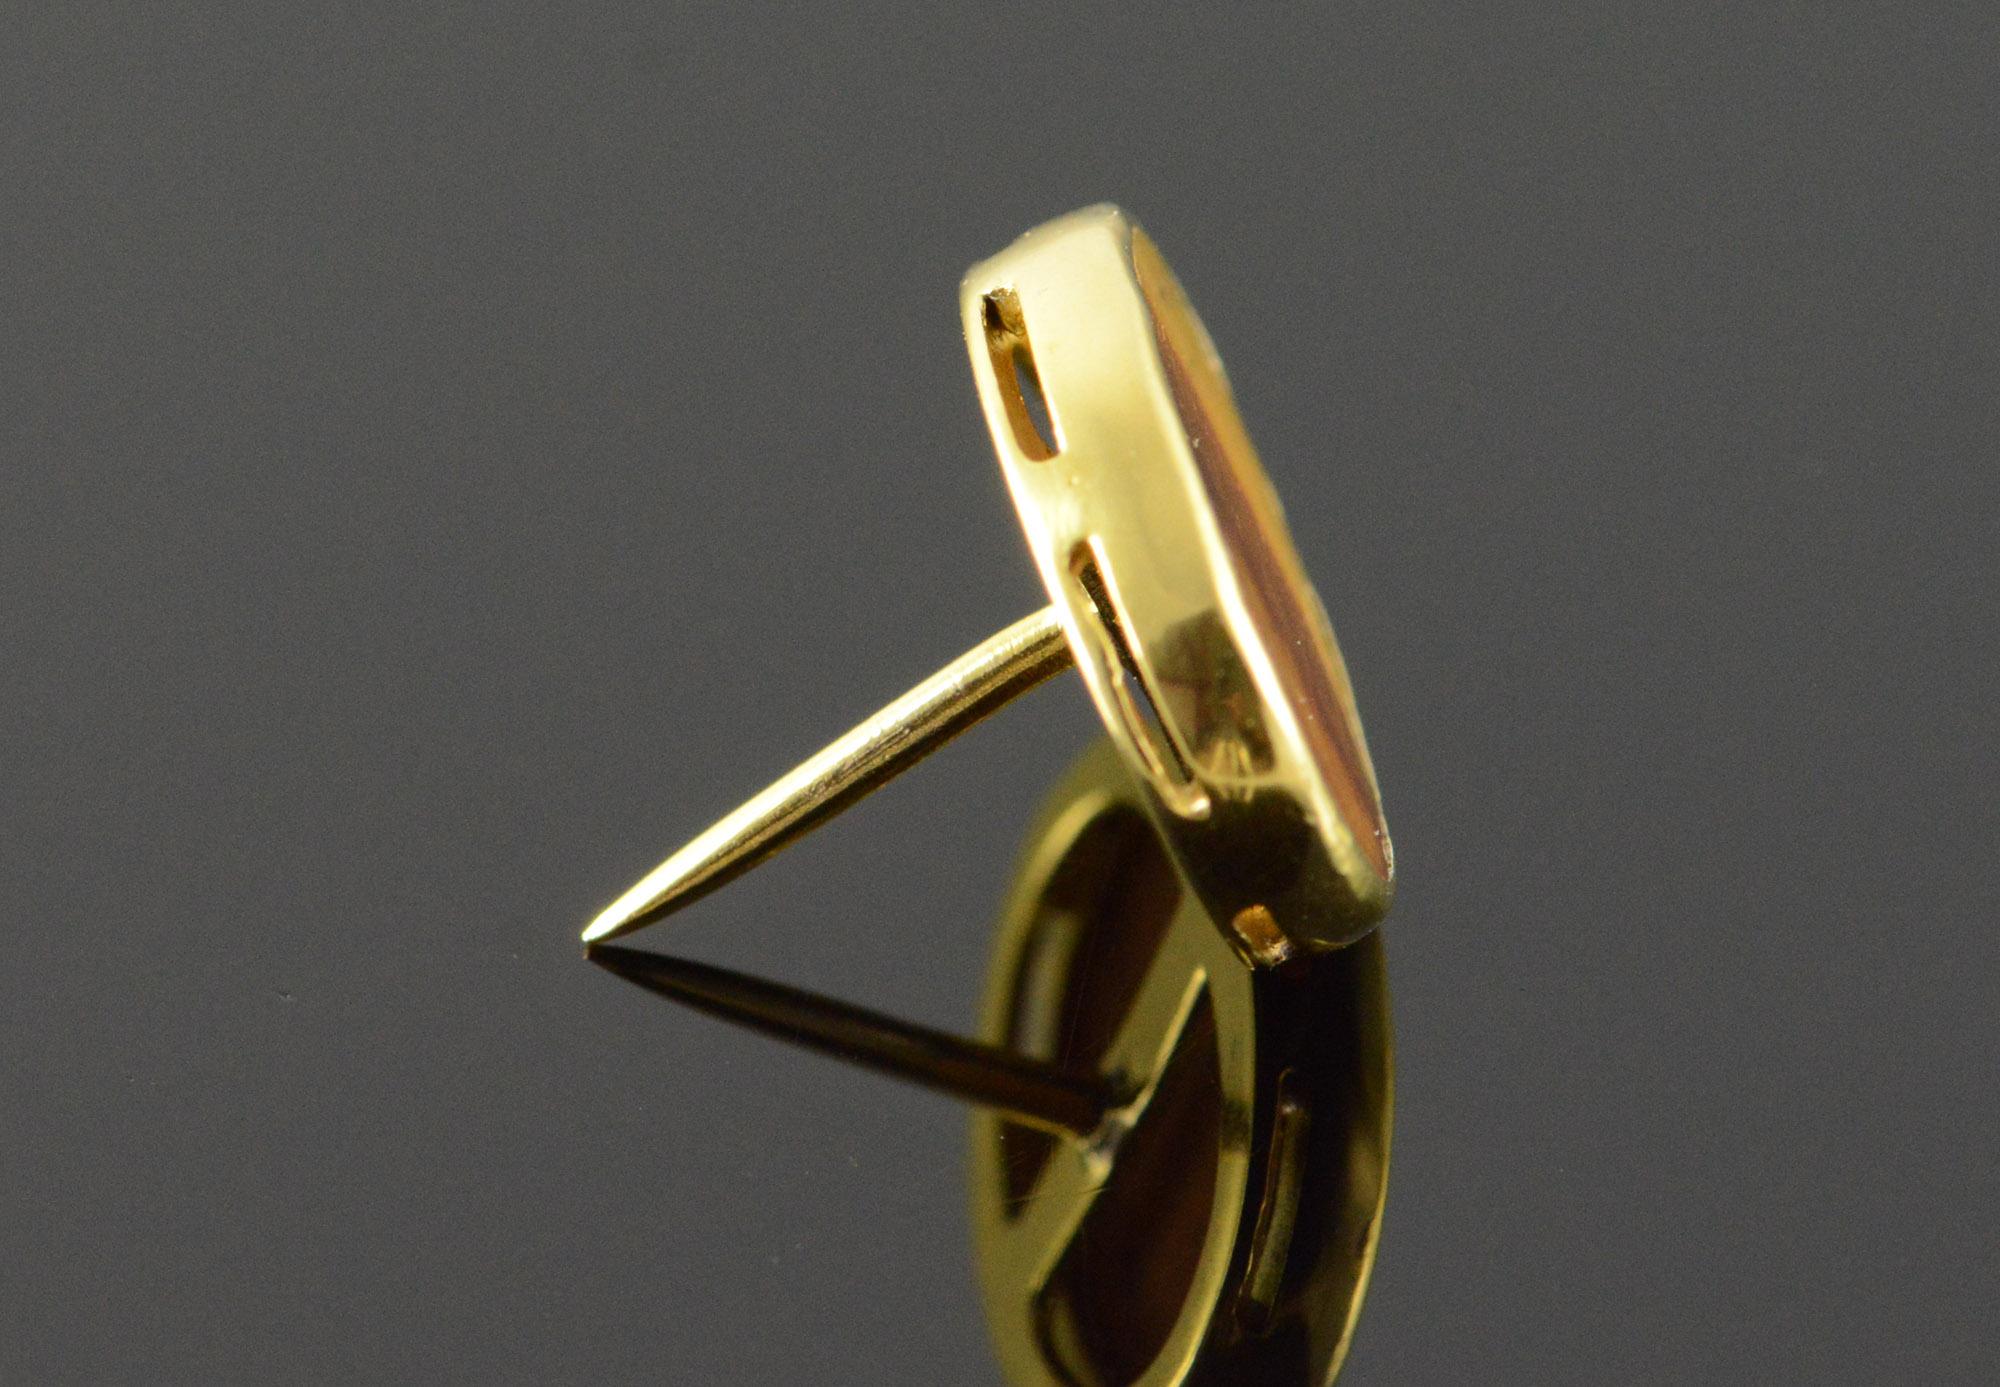 3c14f3d15bd0 14K Tiger's Eye Oval Tie Tack Lapel Pin Yellow Gold Tie Bar ...